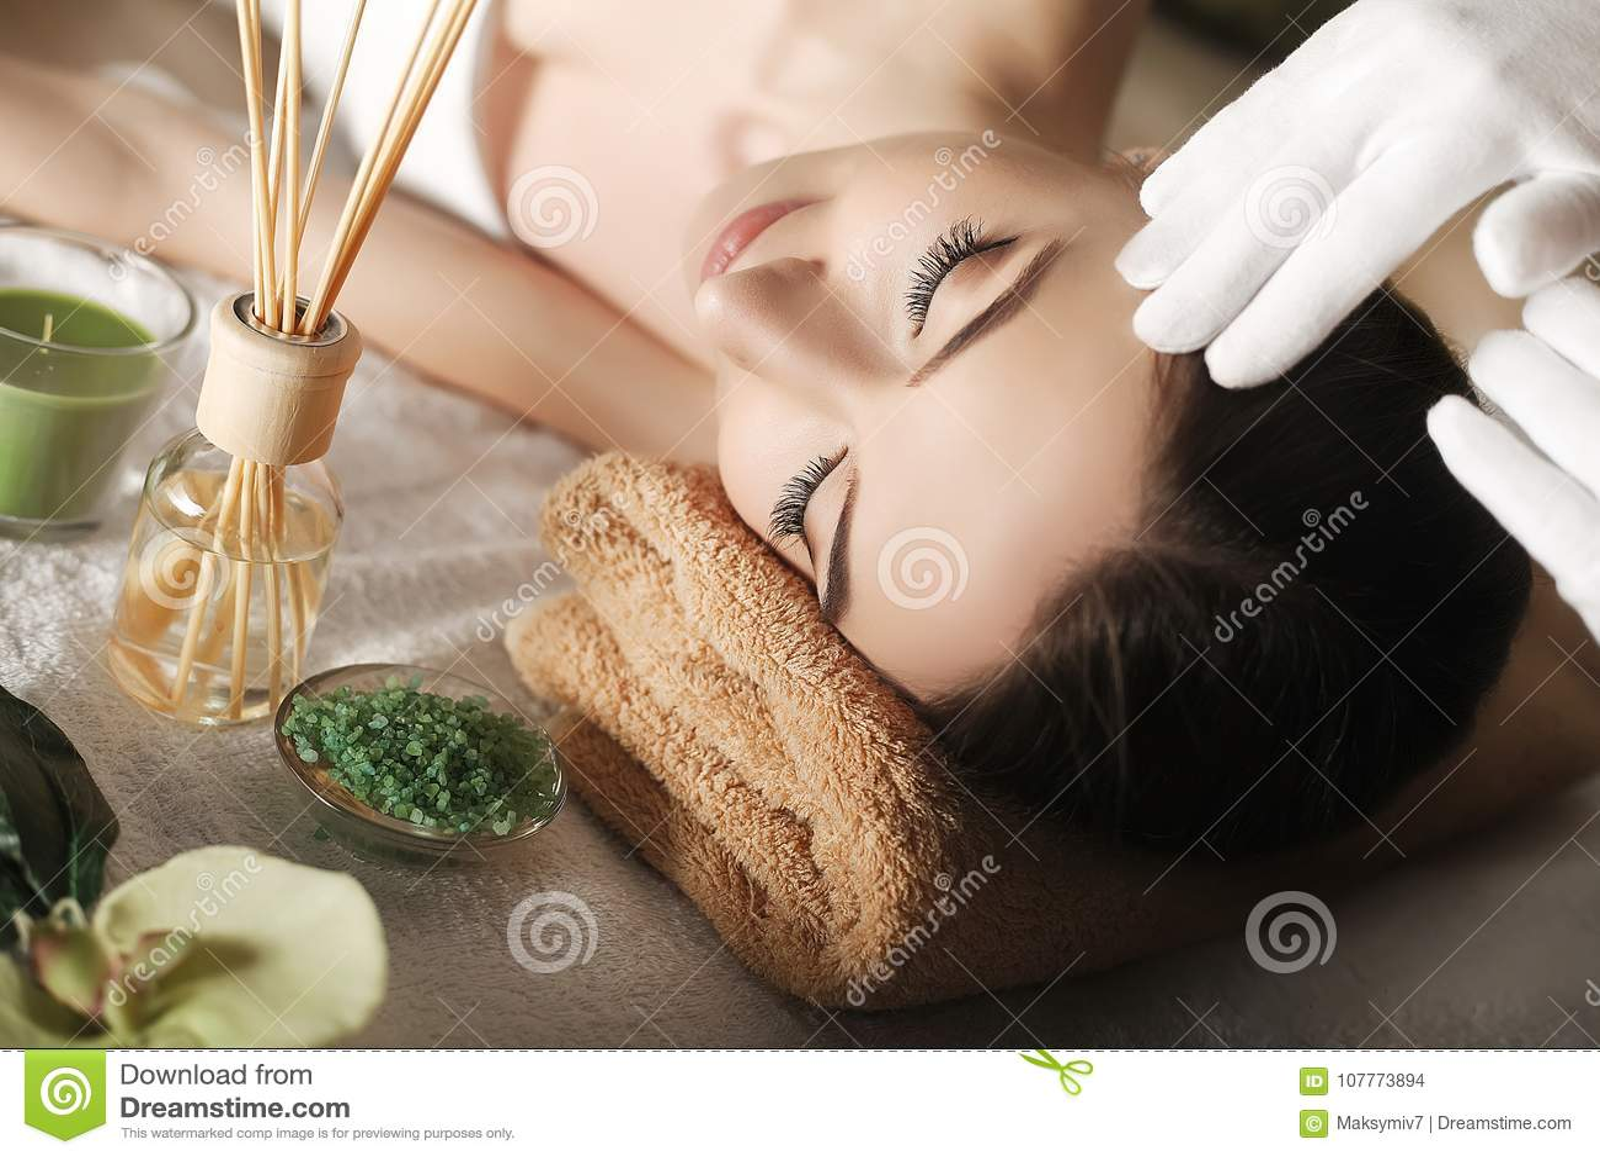 Kuuroord Close-up van een Young Woman Getting Spa Behandeling Kuuroordhuid en lichaamsverzorging Close-up van jonge wom